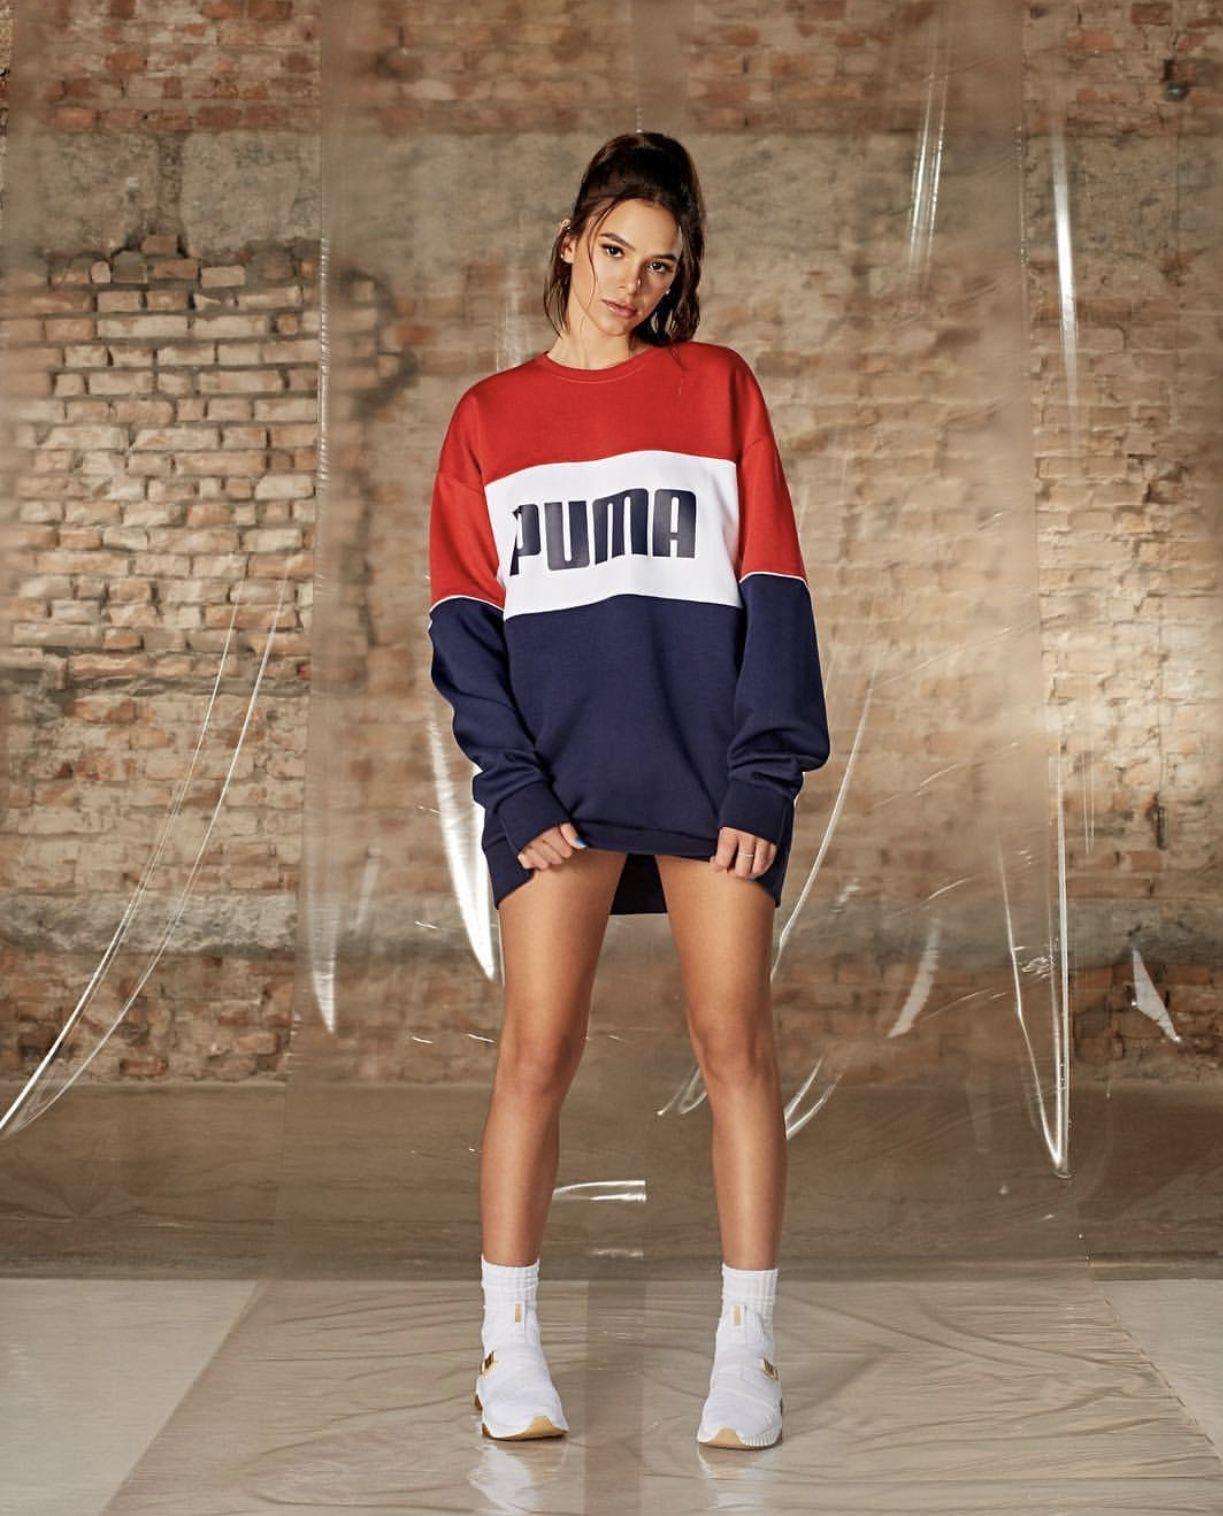 vestidos mujer marca puma